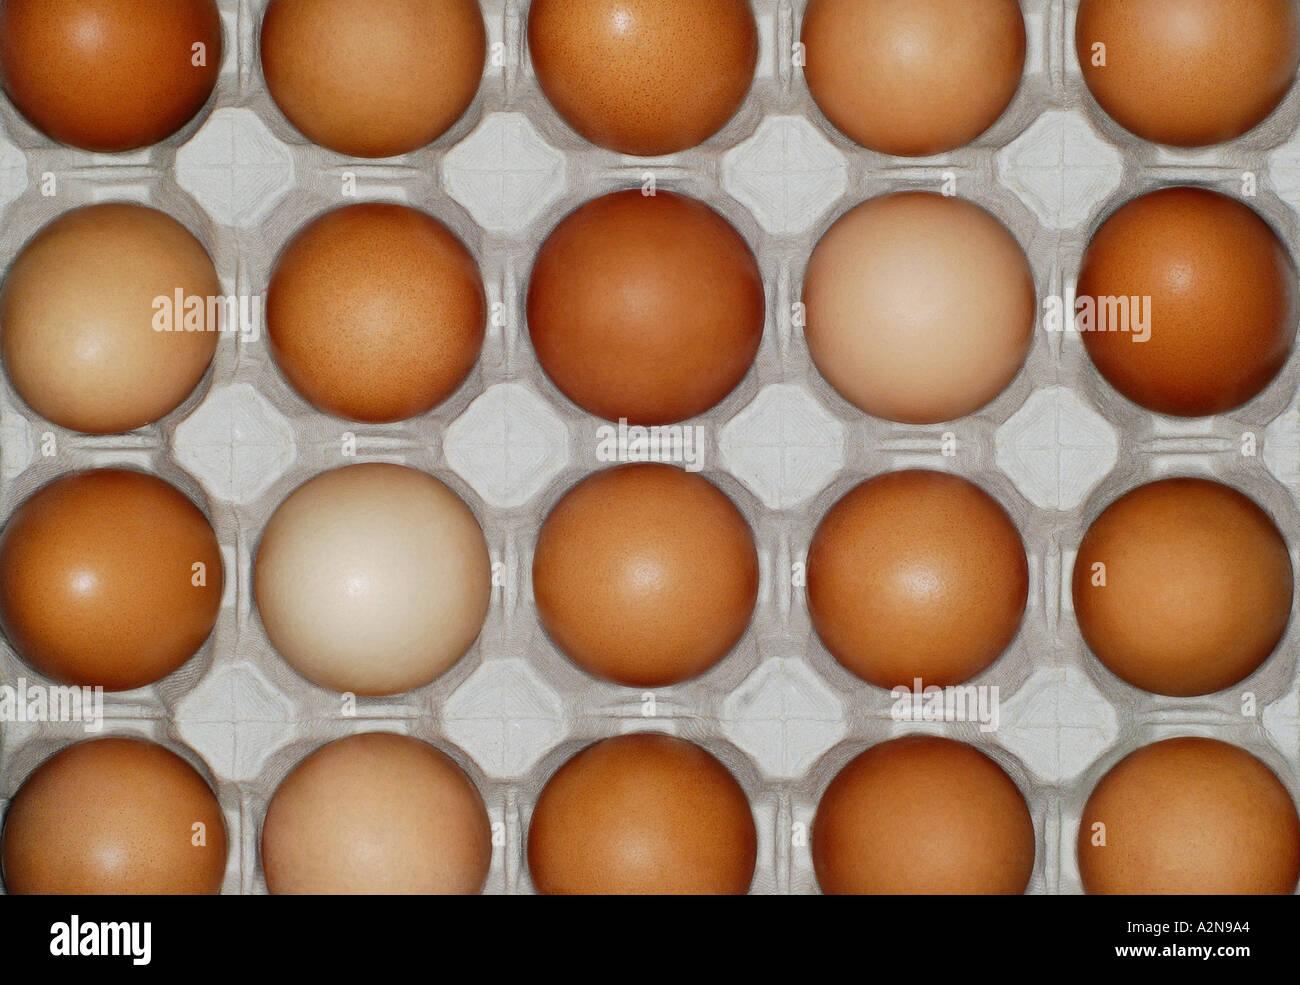 Antecedentes Los huevos en una HUEVERA Imagen De Stock